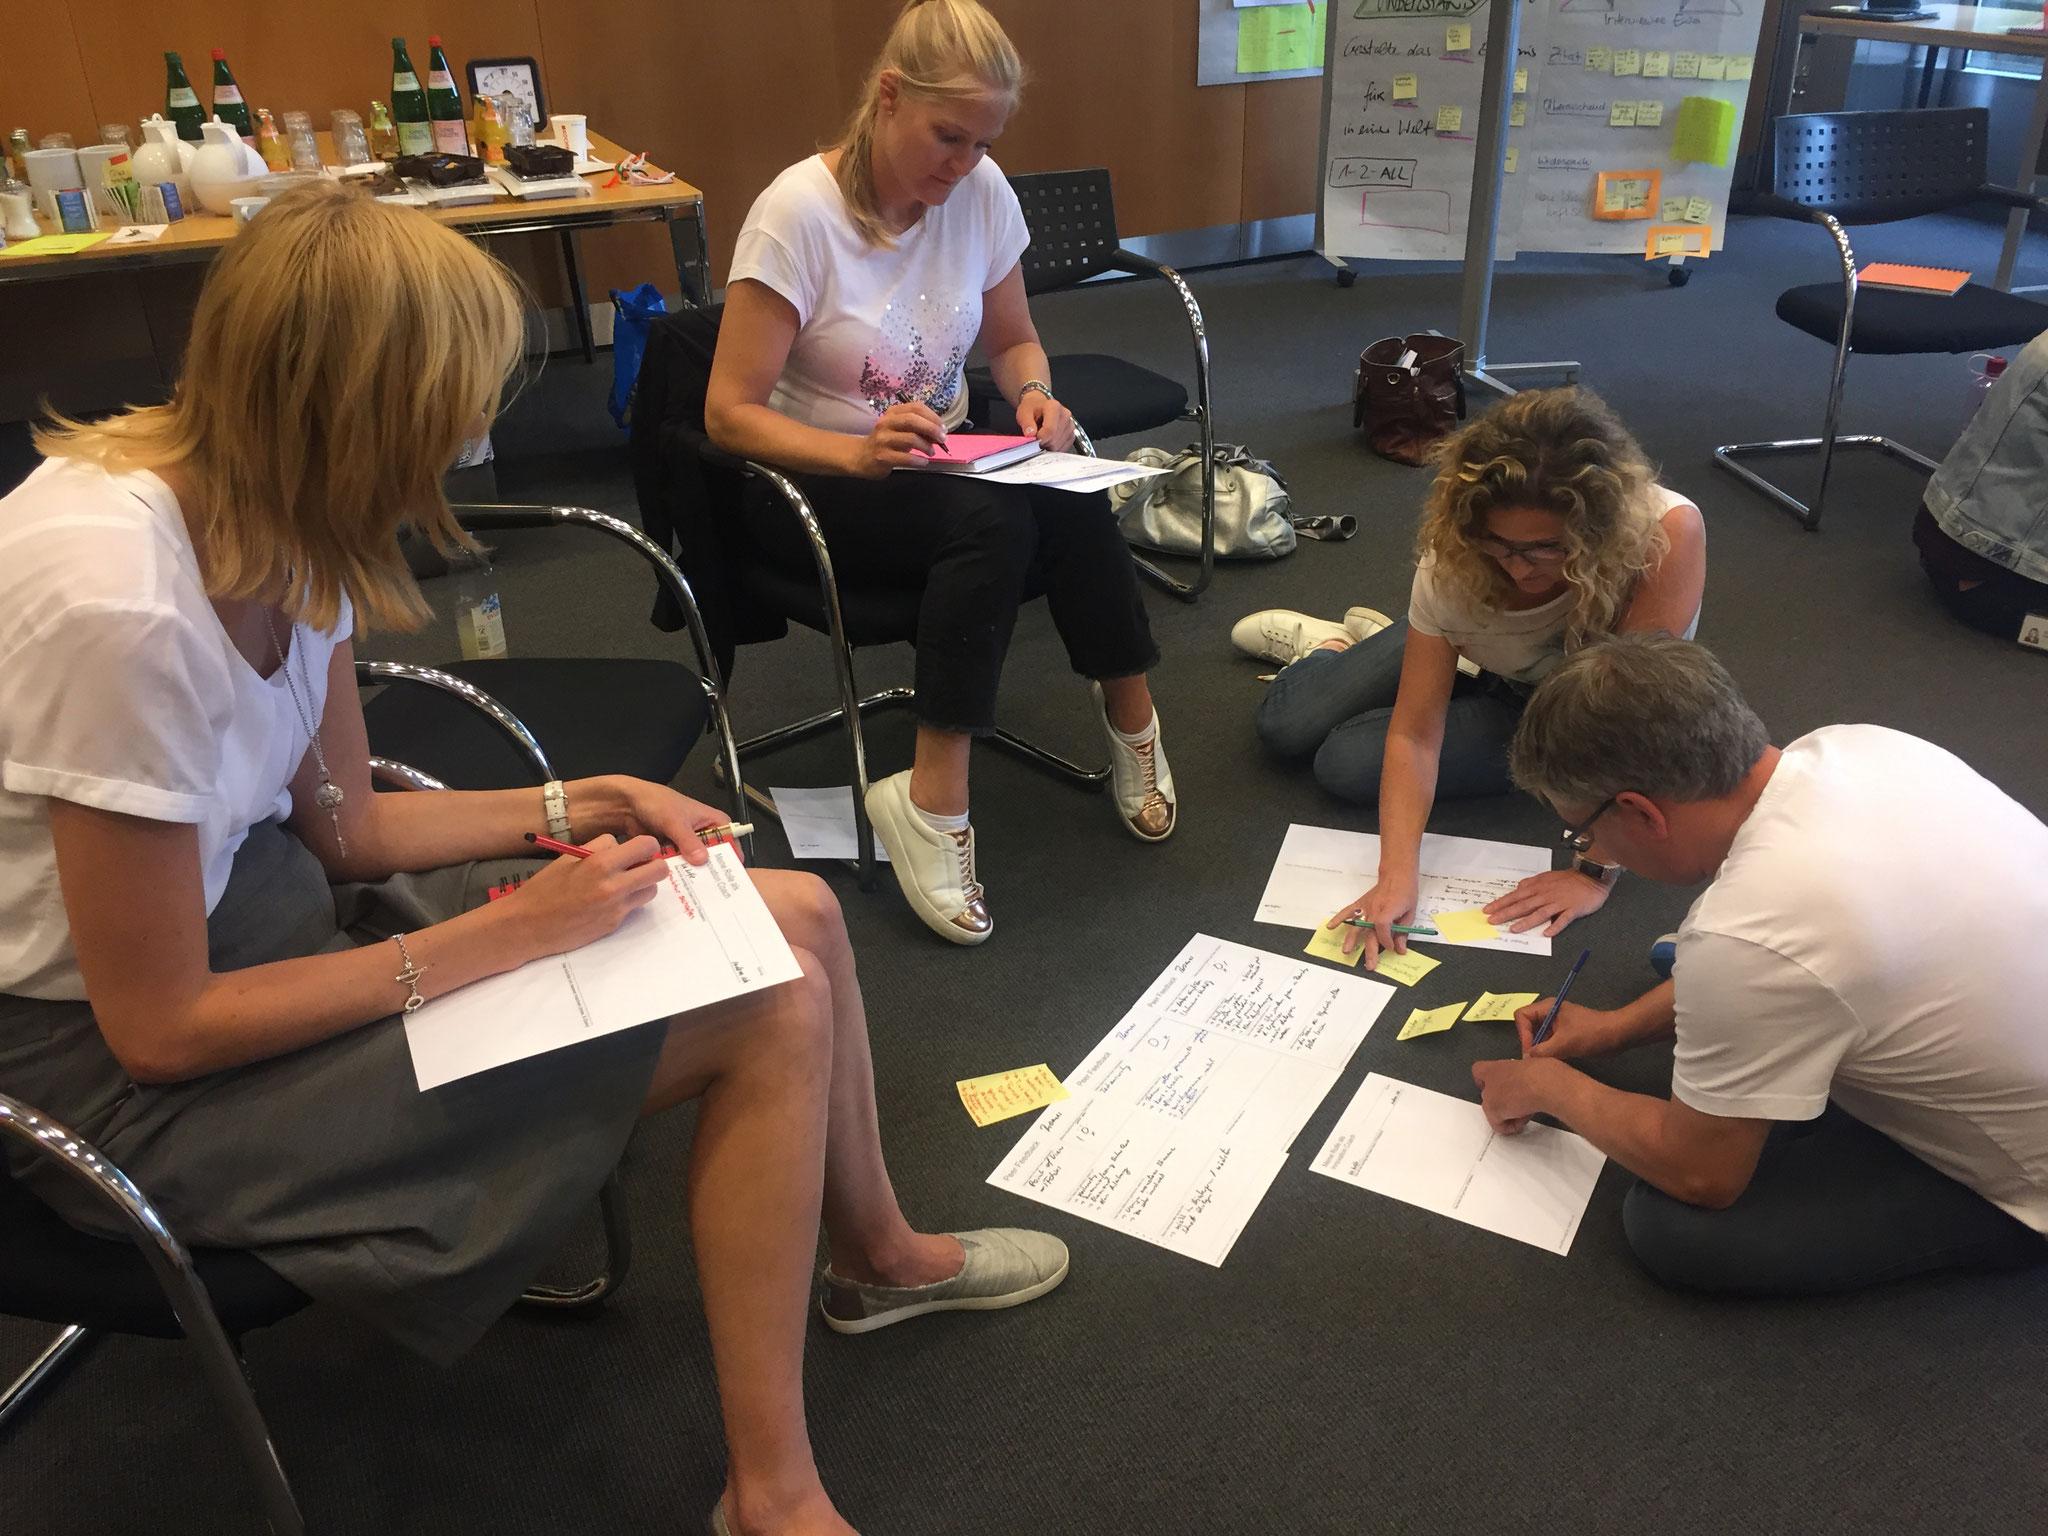 """Im Workshop """"Designfacilitator I"""" nehmen die Teilnehmer die Coach-Rolle ein. Sie leiten Tools und Methoden an, die sie im Basis-Workshop bereits kennengelernt haben."""